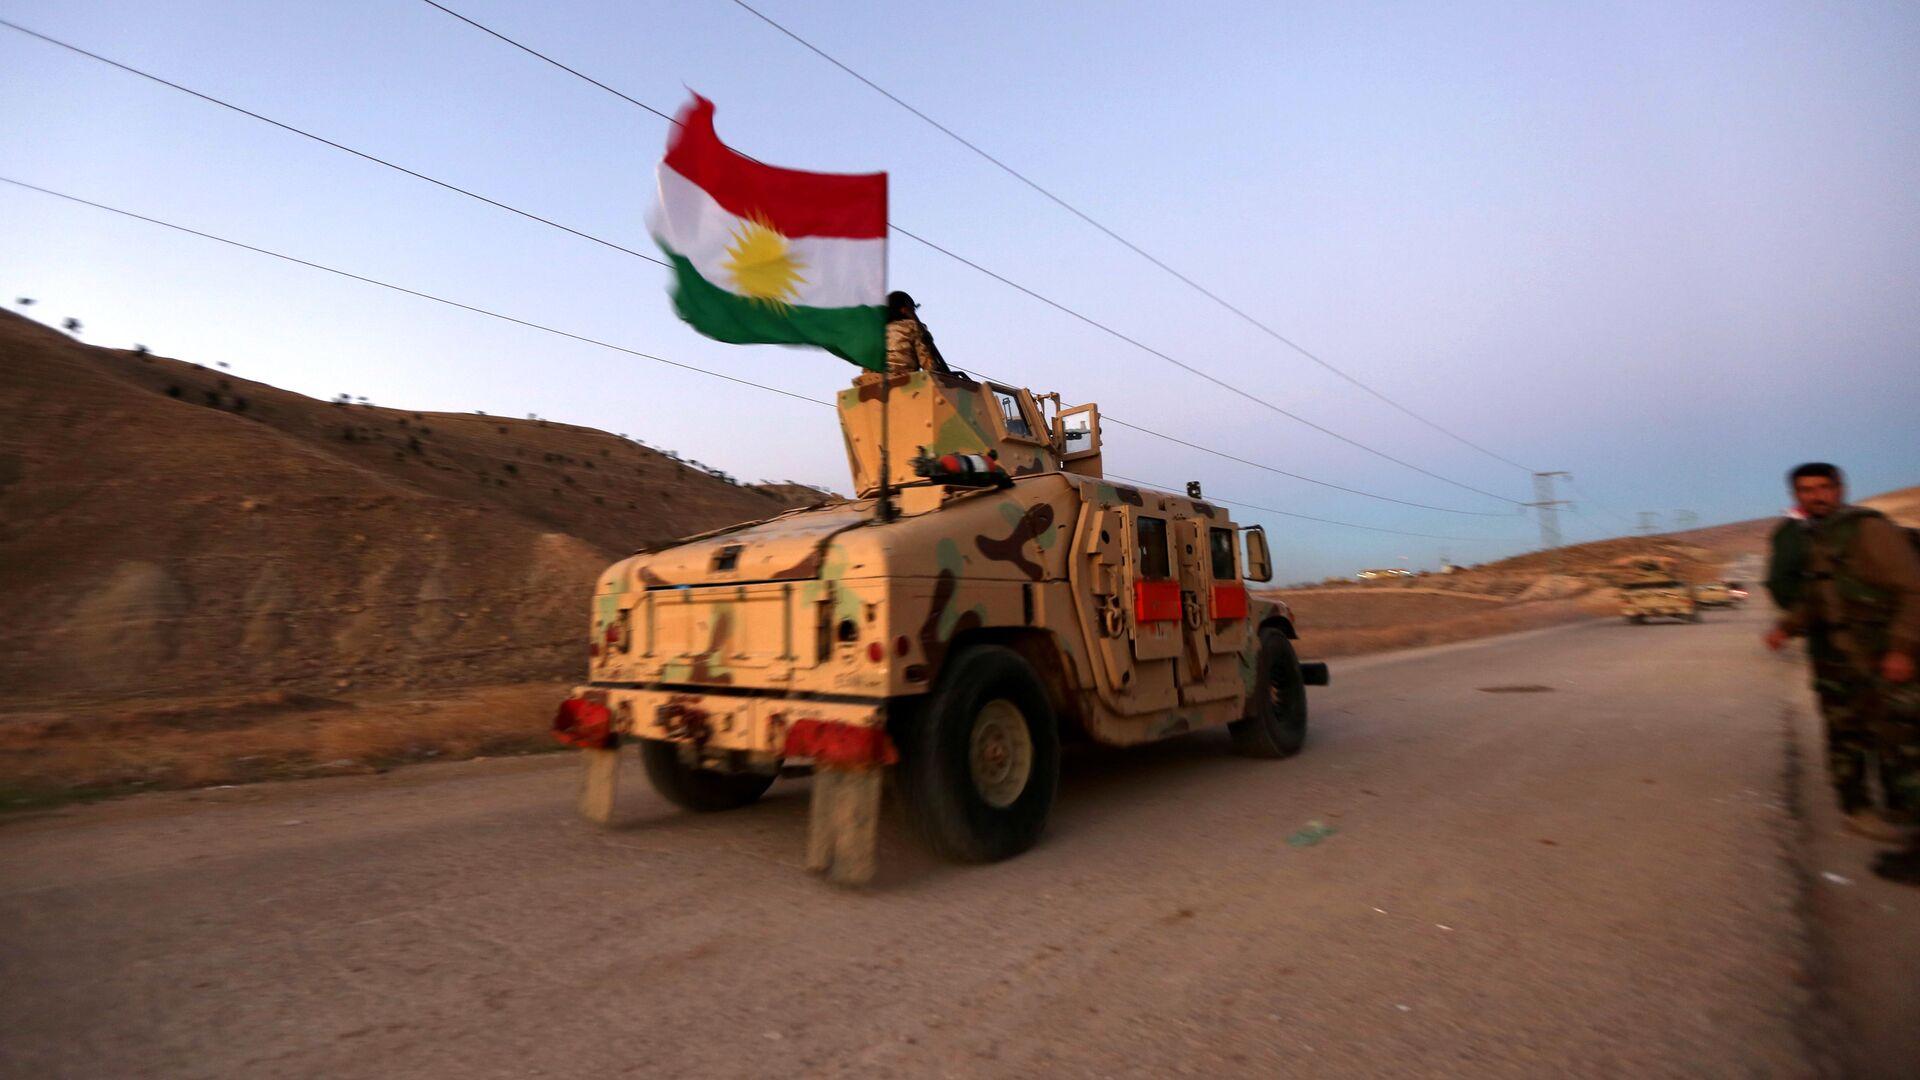 Carro blindado kurdo con la bandera de Kurdistán iraquí - Sputnik Mundo, 1920, 16.04.2021